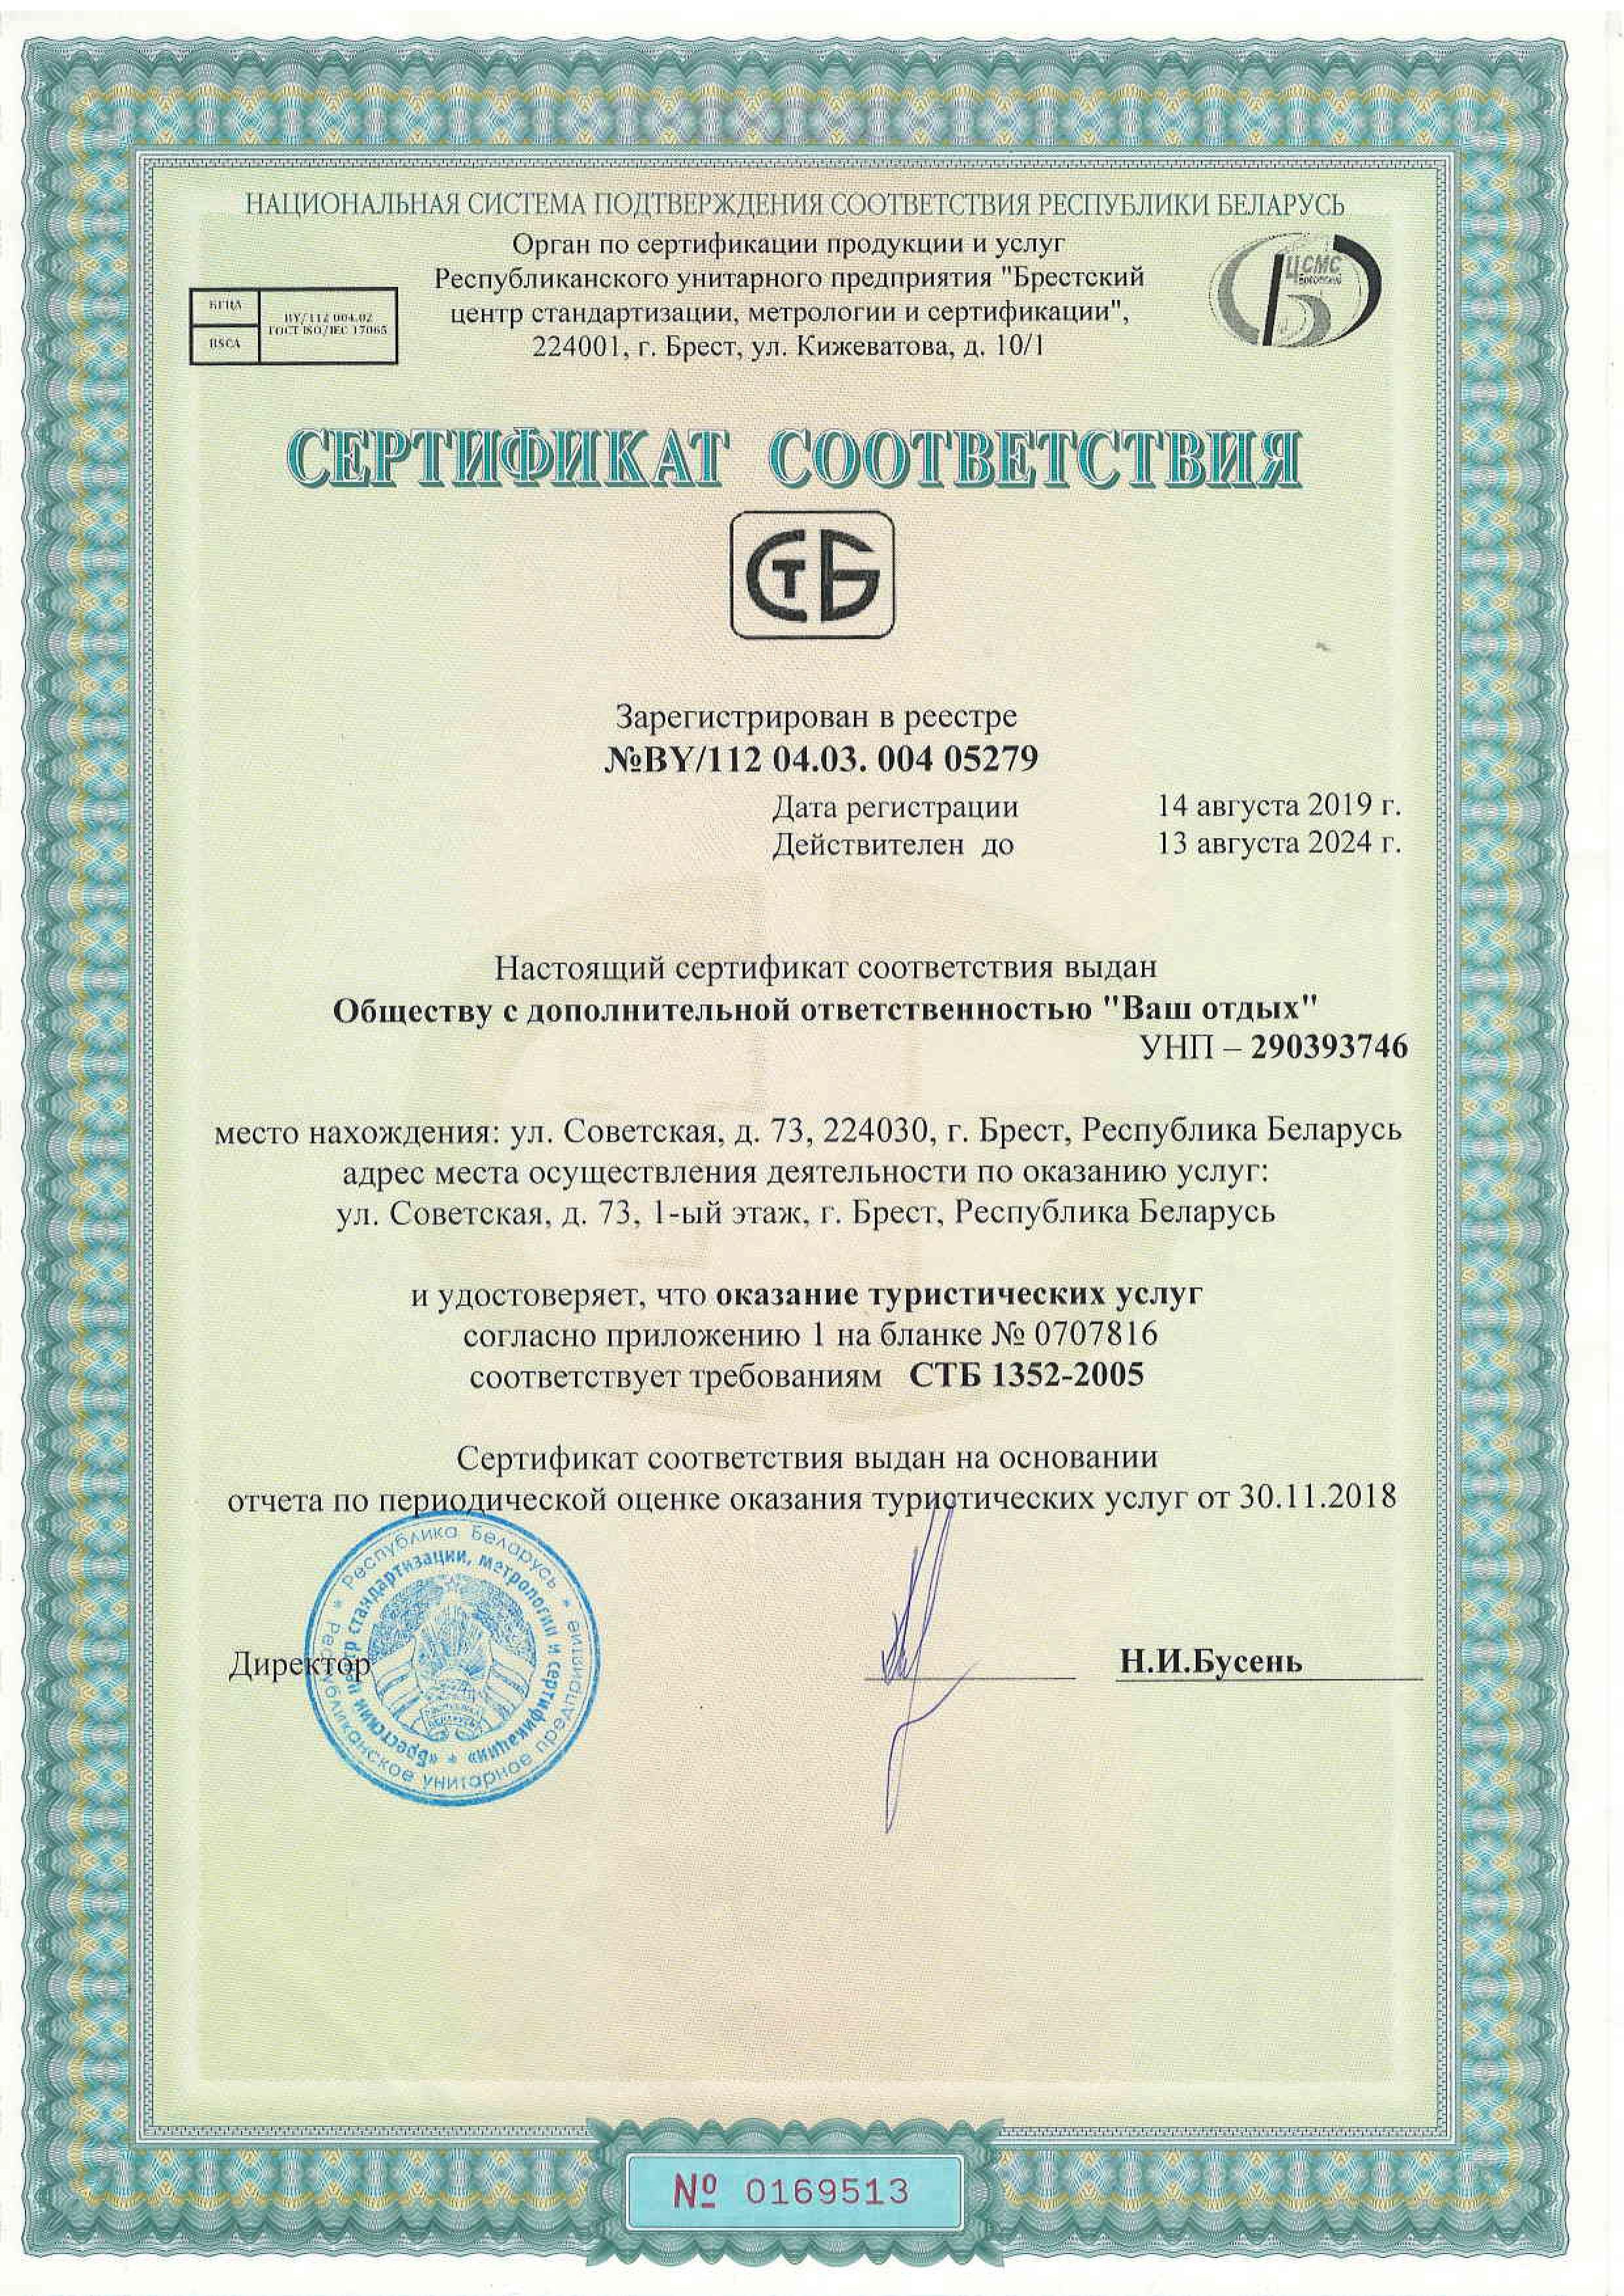 Сертификат. Внутренний туризм. Front.